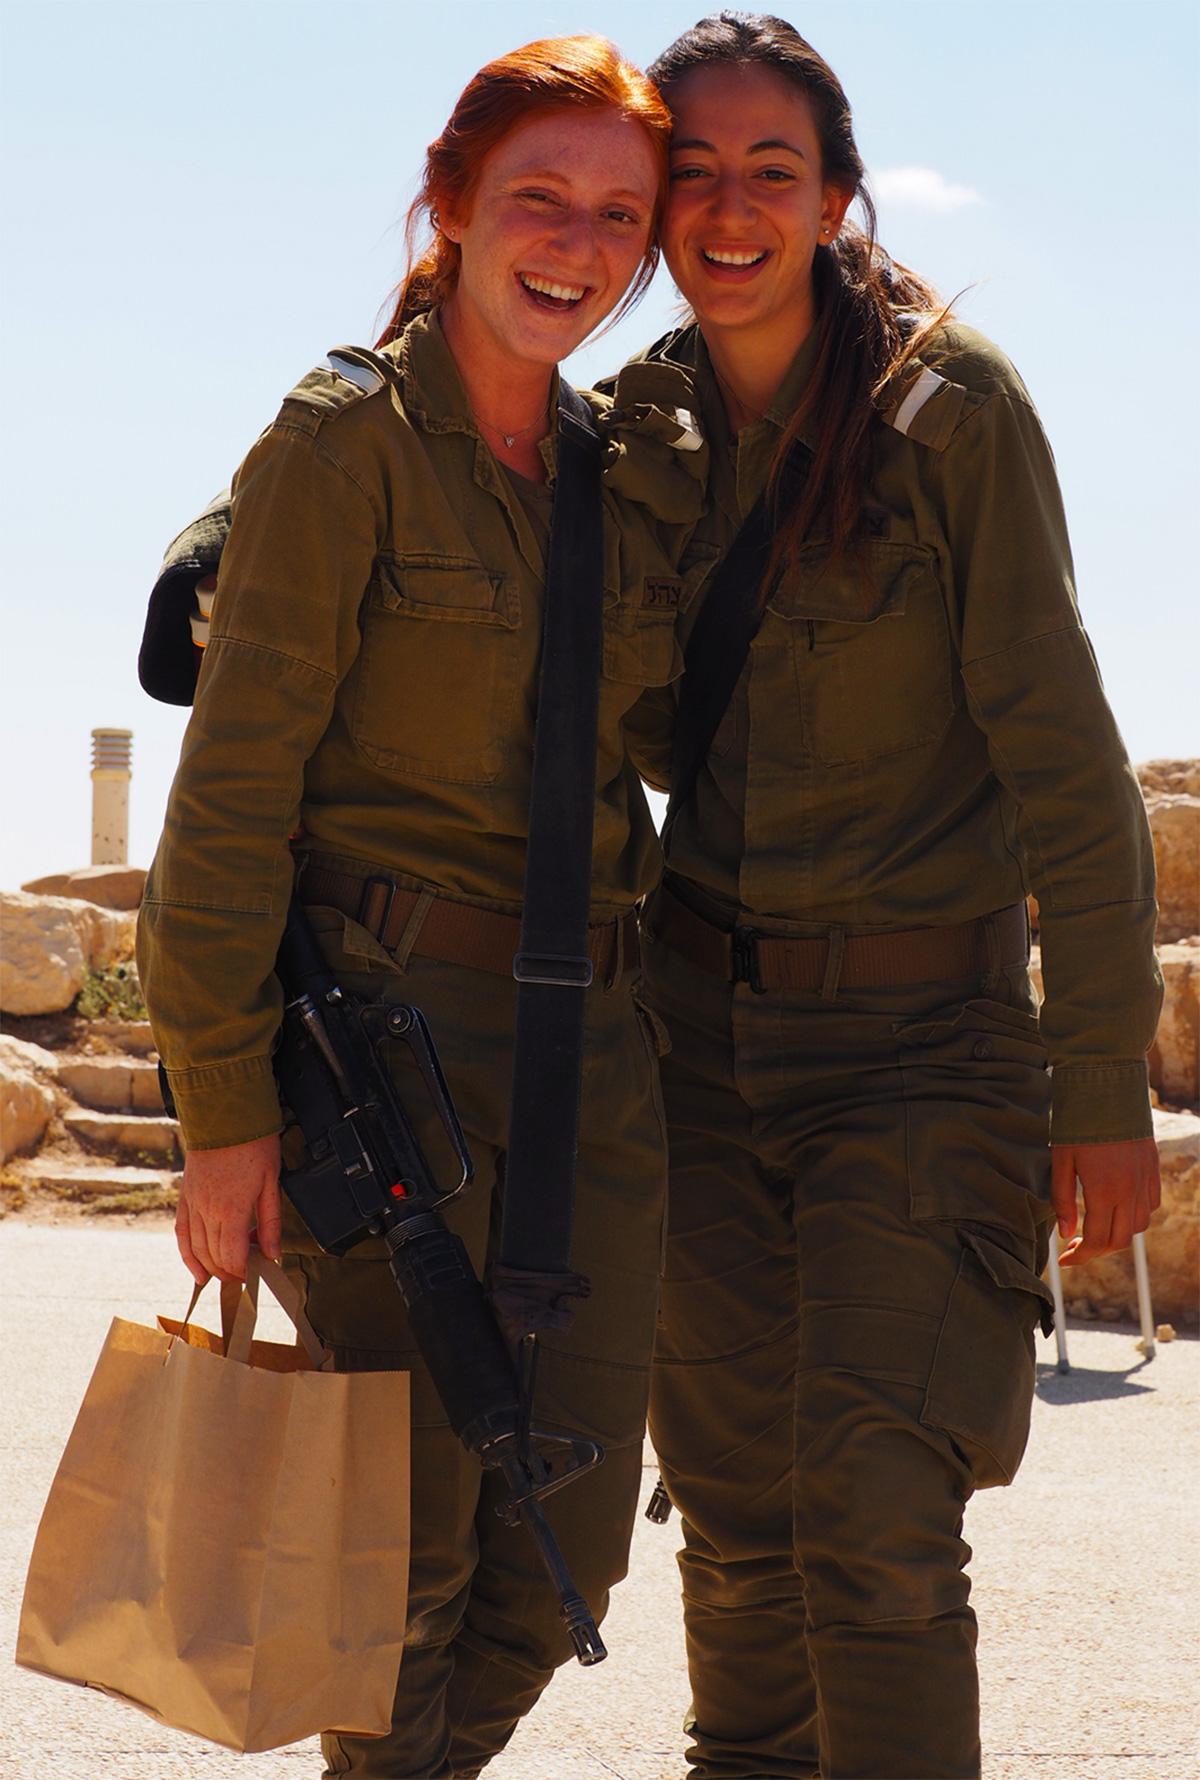 Militari dell'esercito che si fanno fotografare